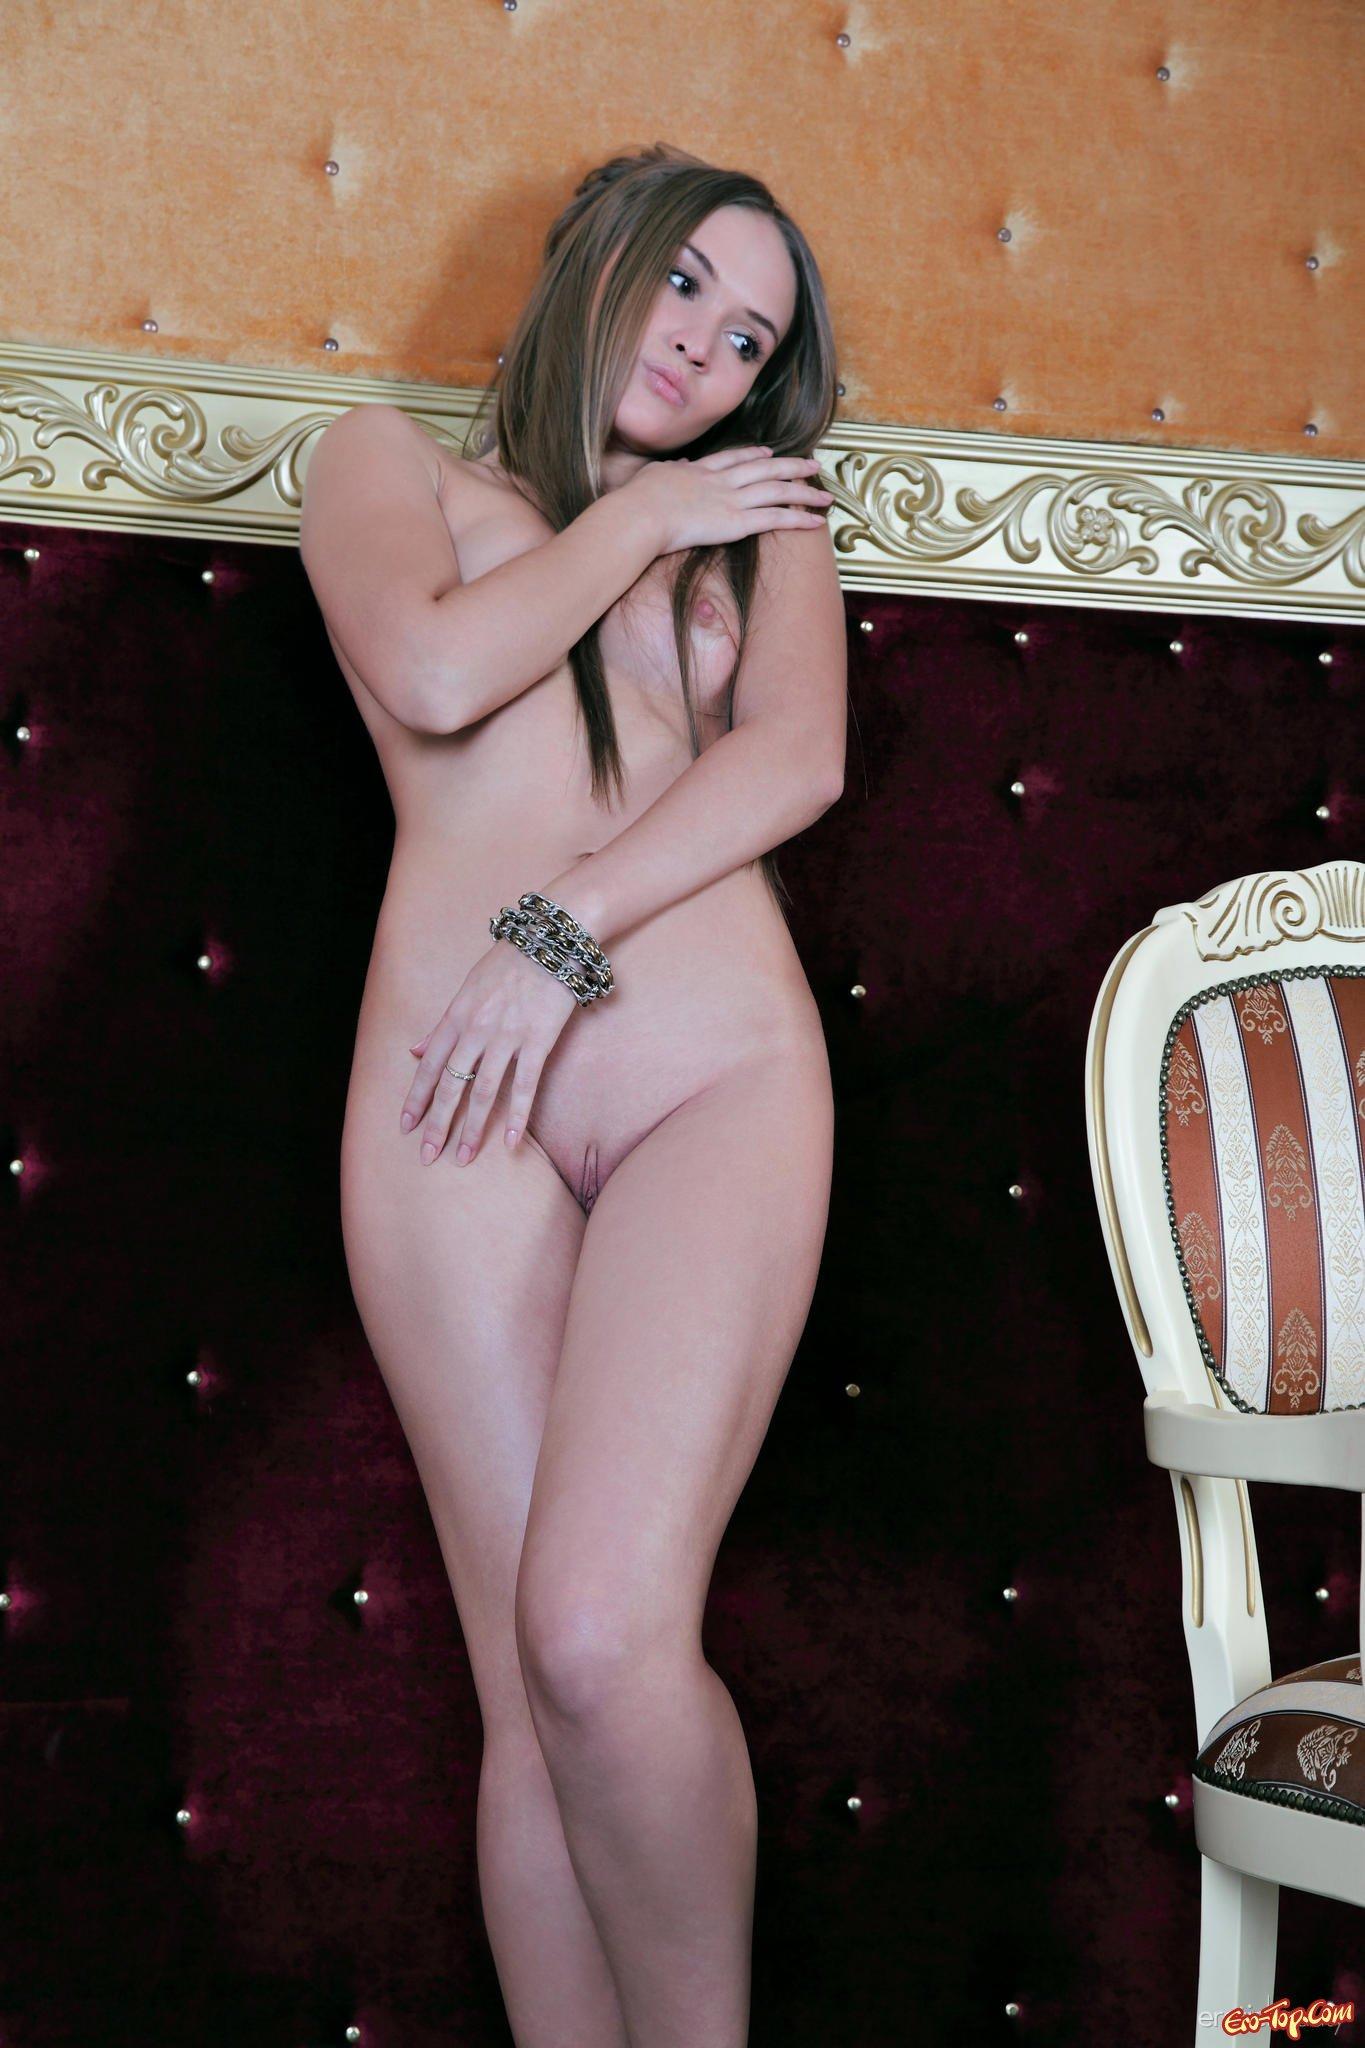 Сучка раздвигает ноги секс фото